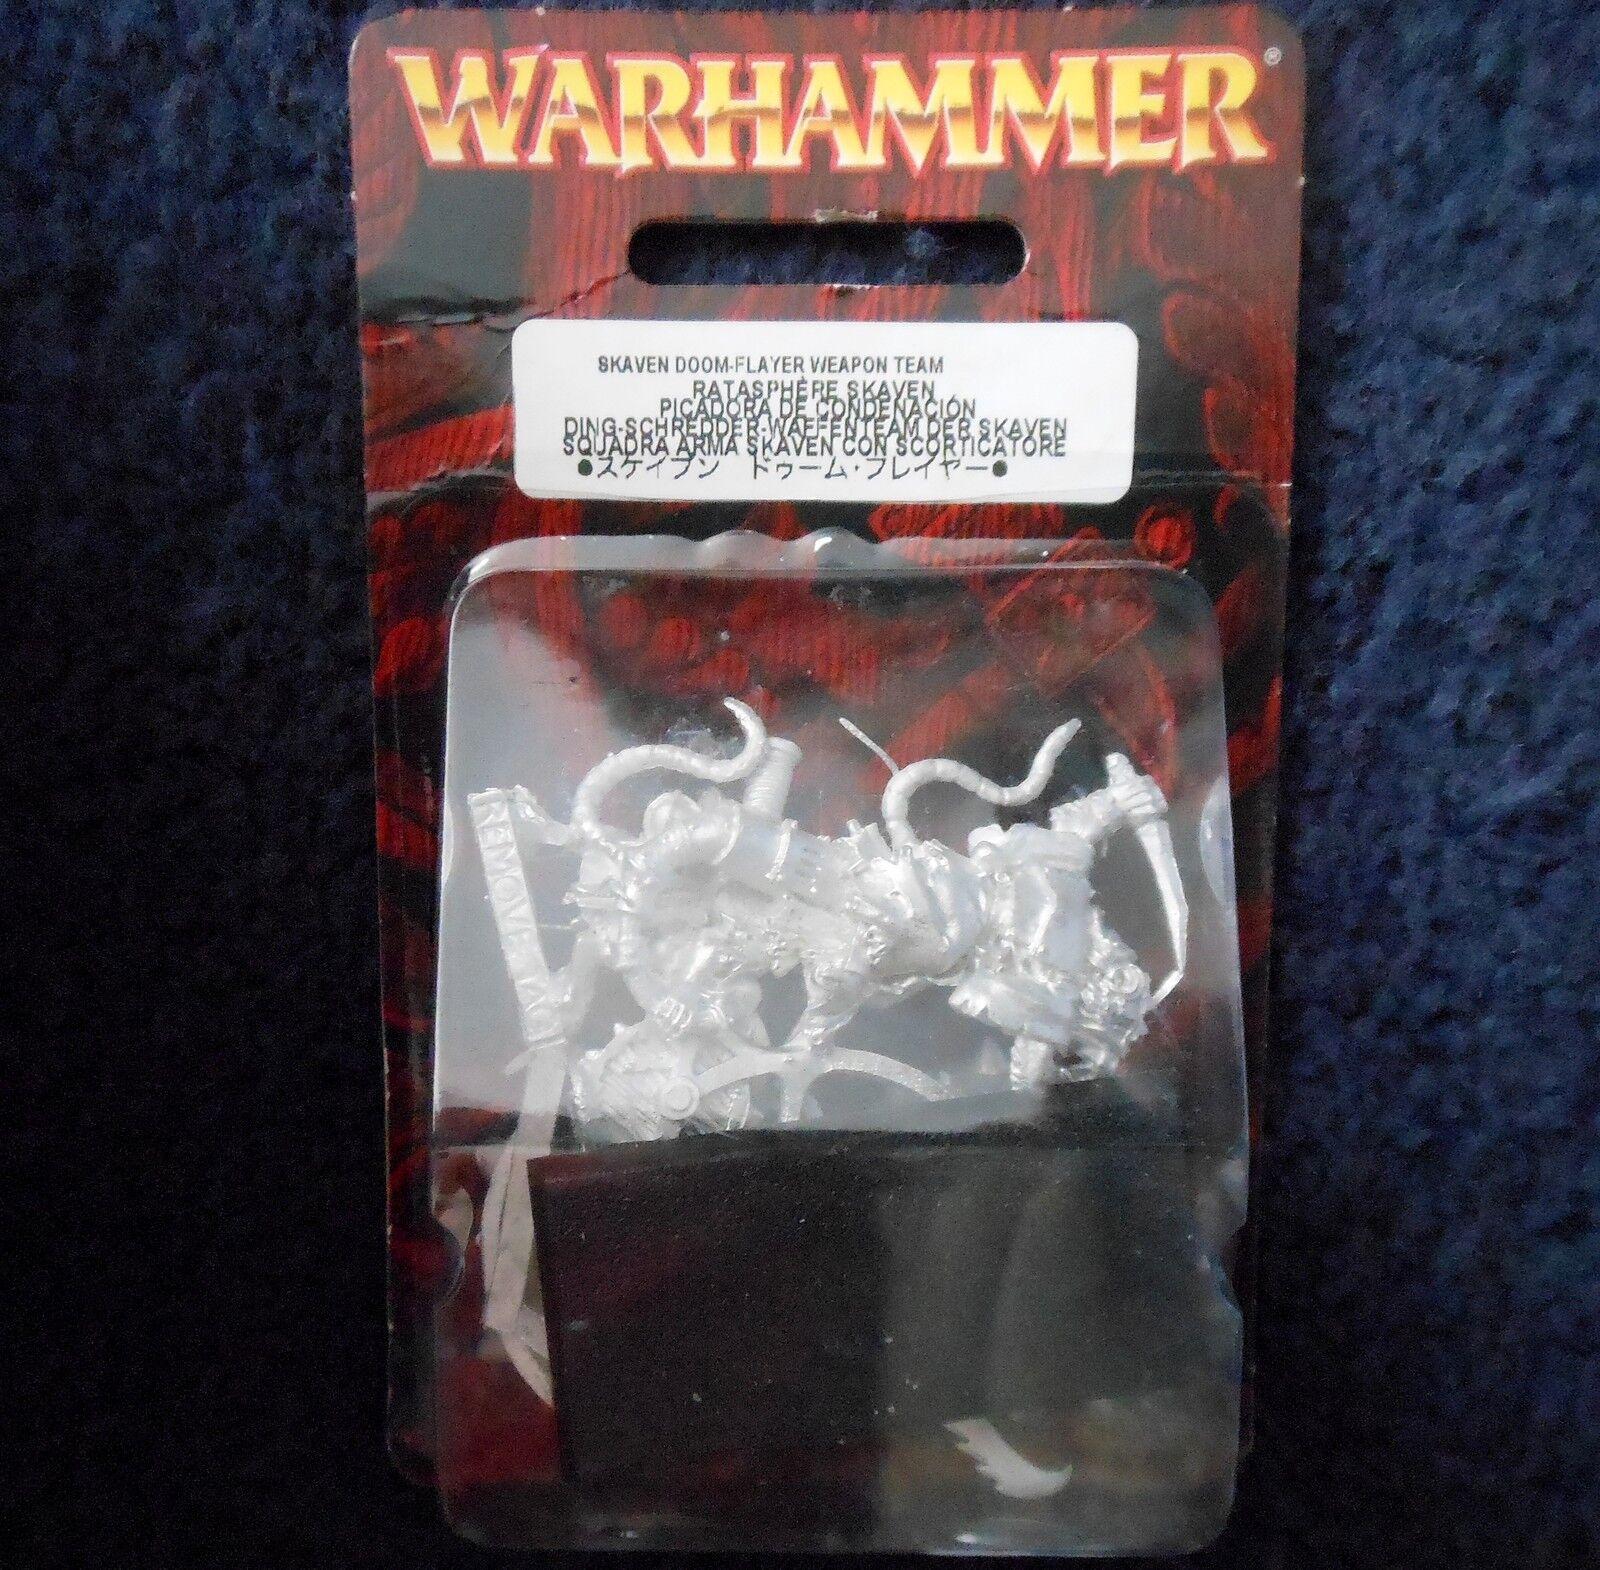 2010 Skaven DOOM-Flayer ARMA  squadra CAOS giocos lavoronegozio WARHAMMER Esercito Crew Nuovo di zecca con scatola  garanzia di qualità